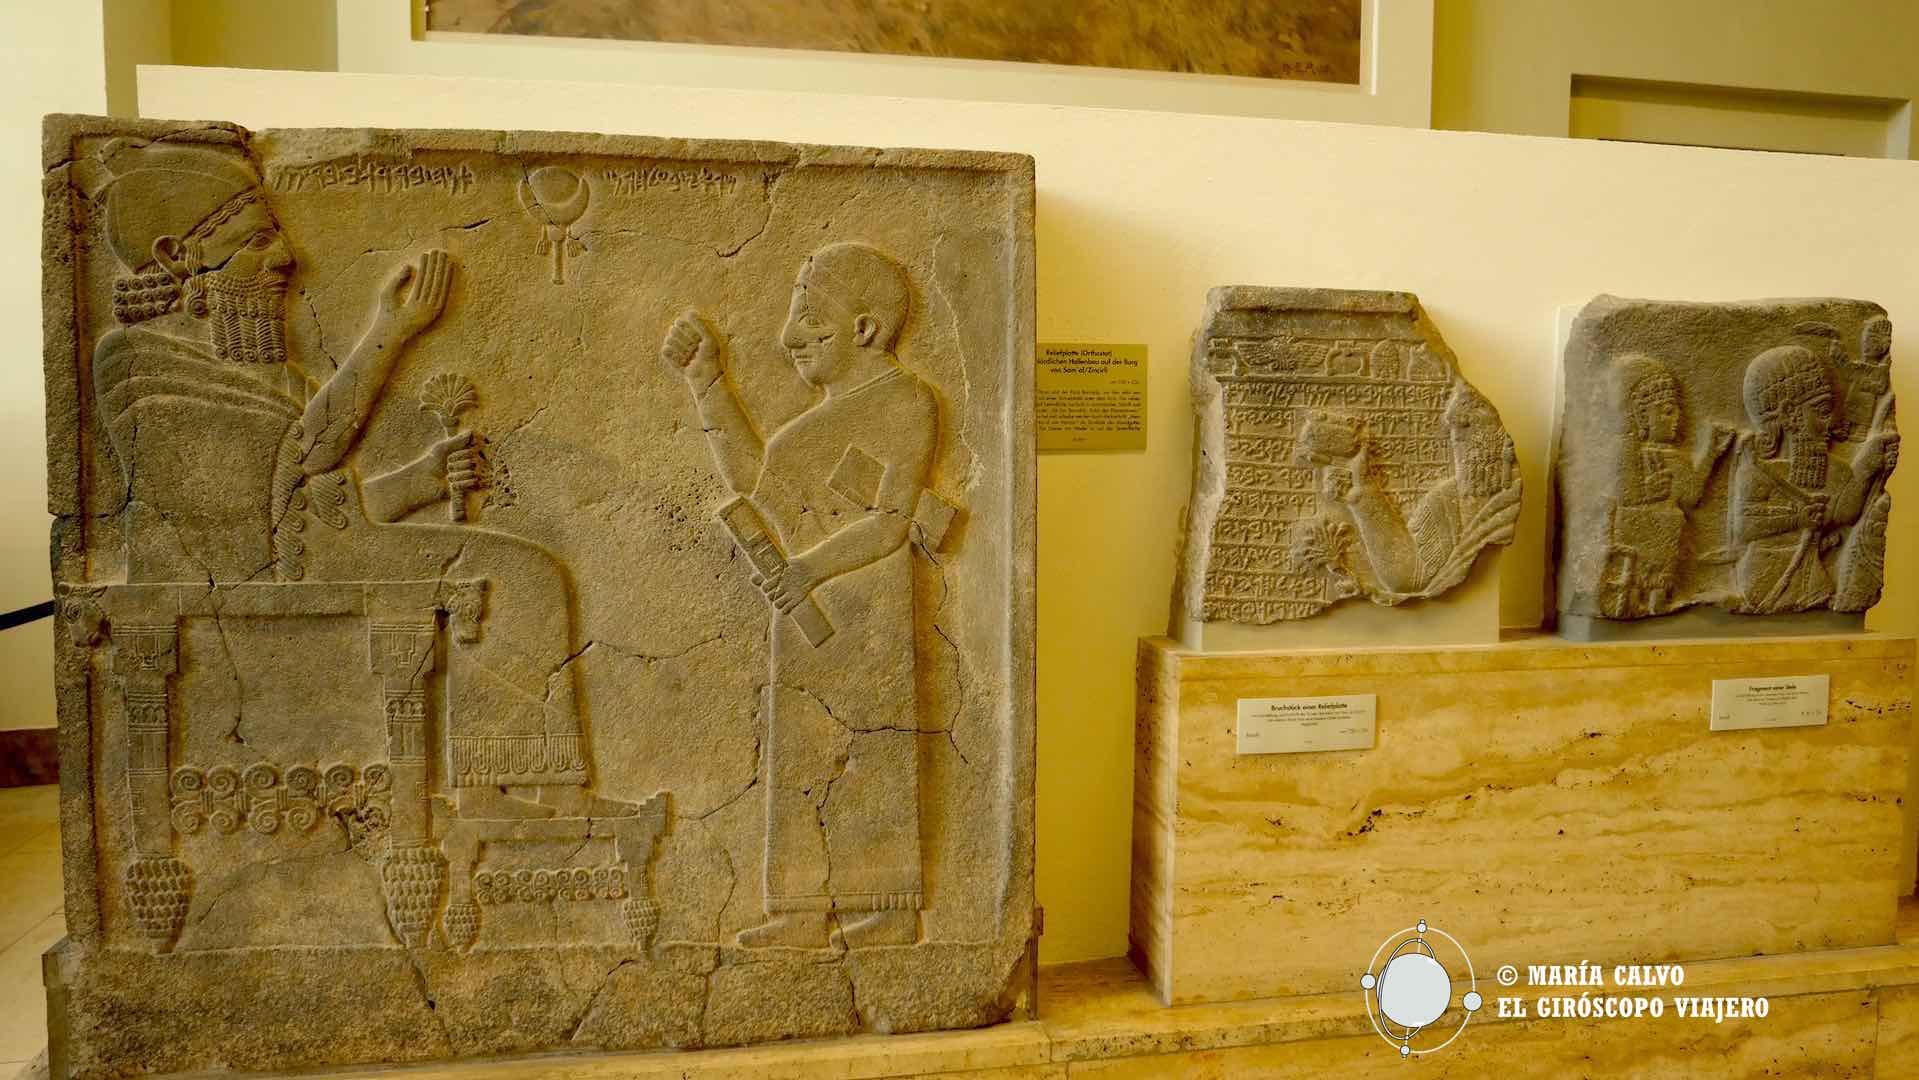 Estelas mesopotámicas en el Pergamonmuseum, Berlín